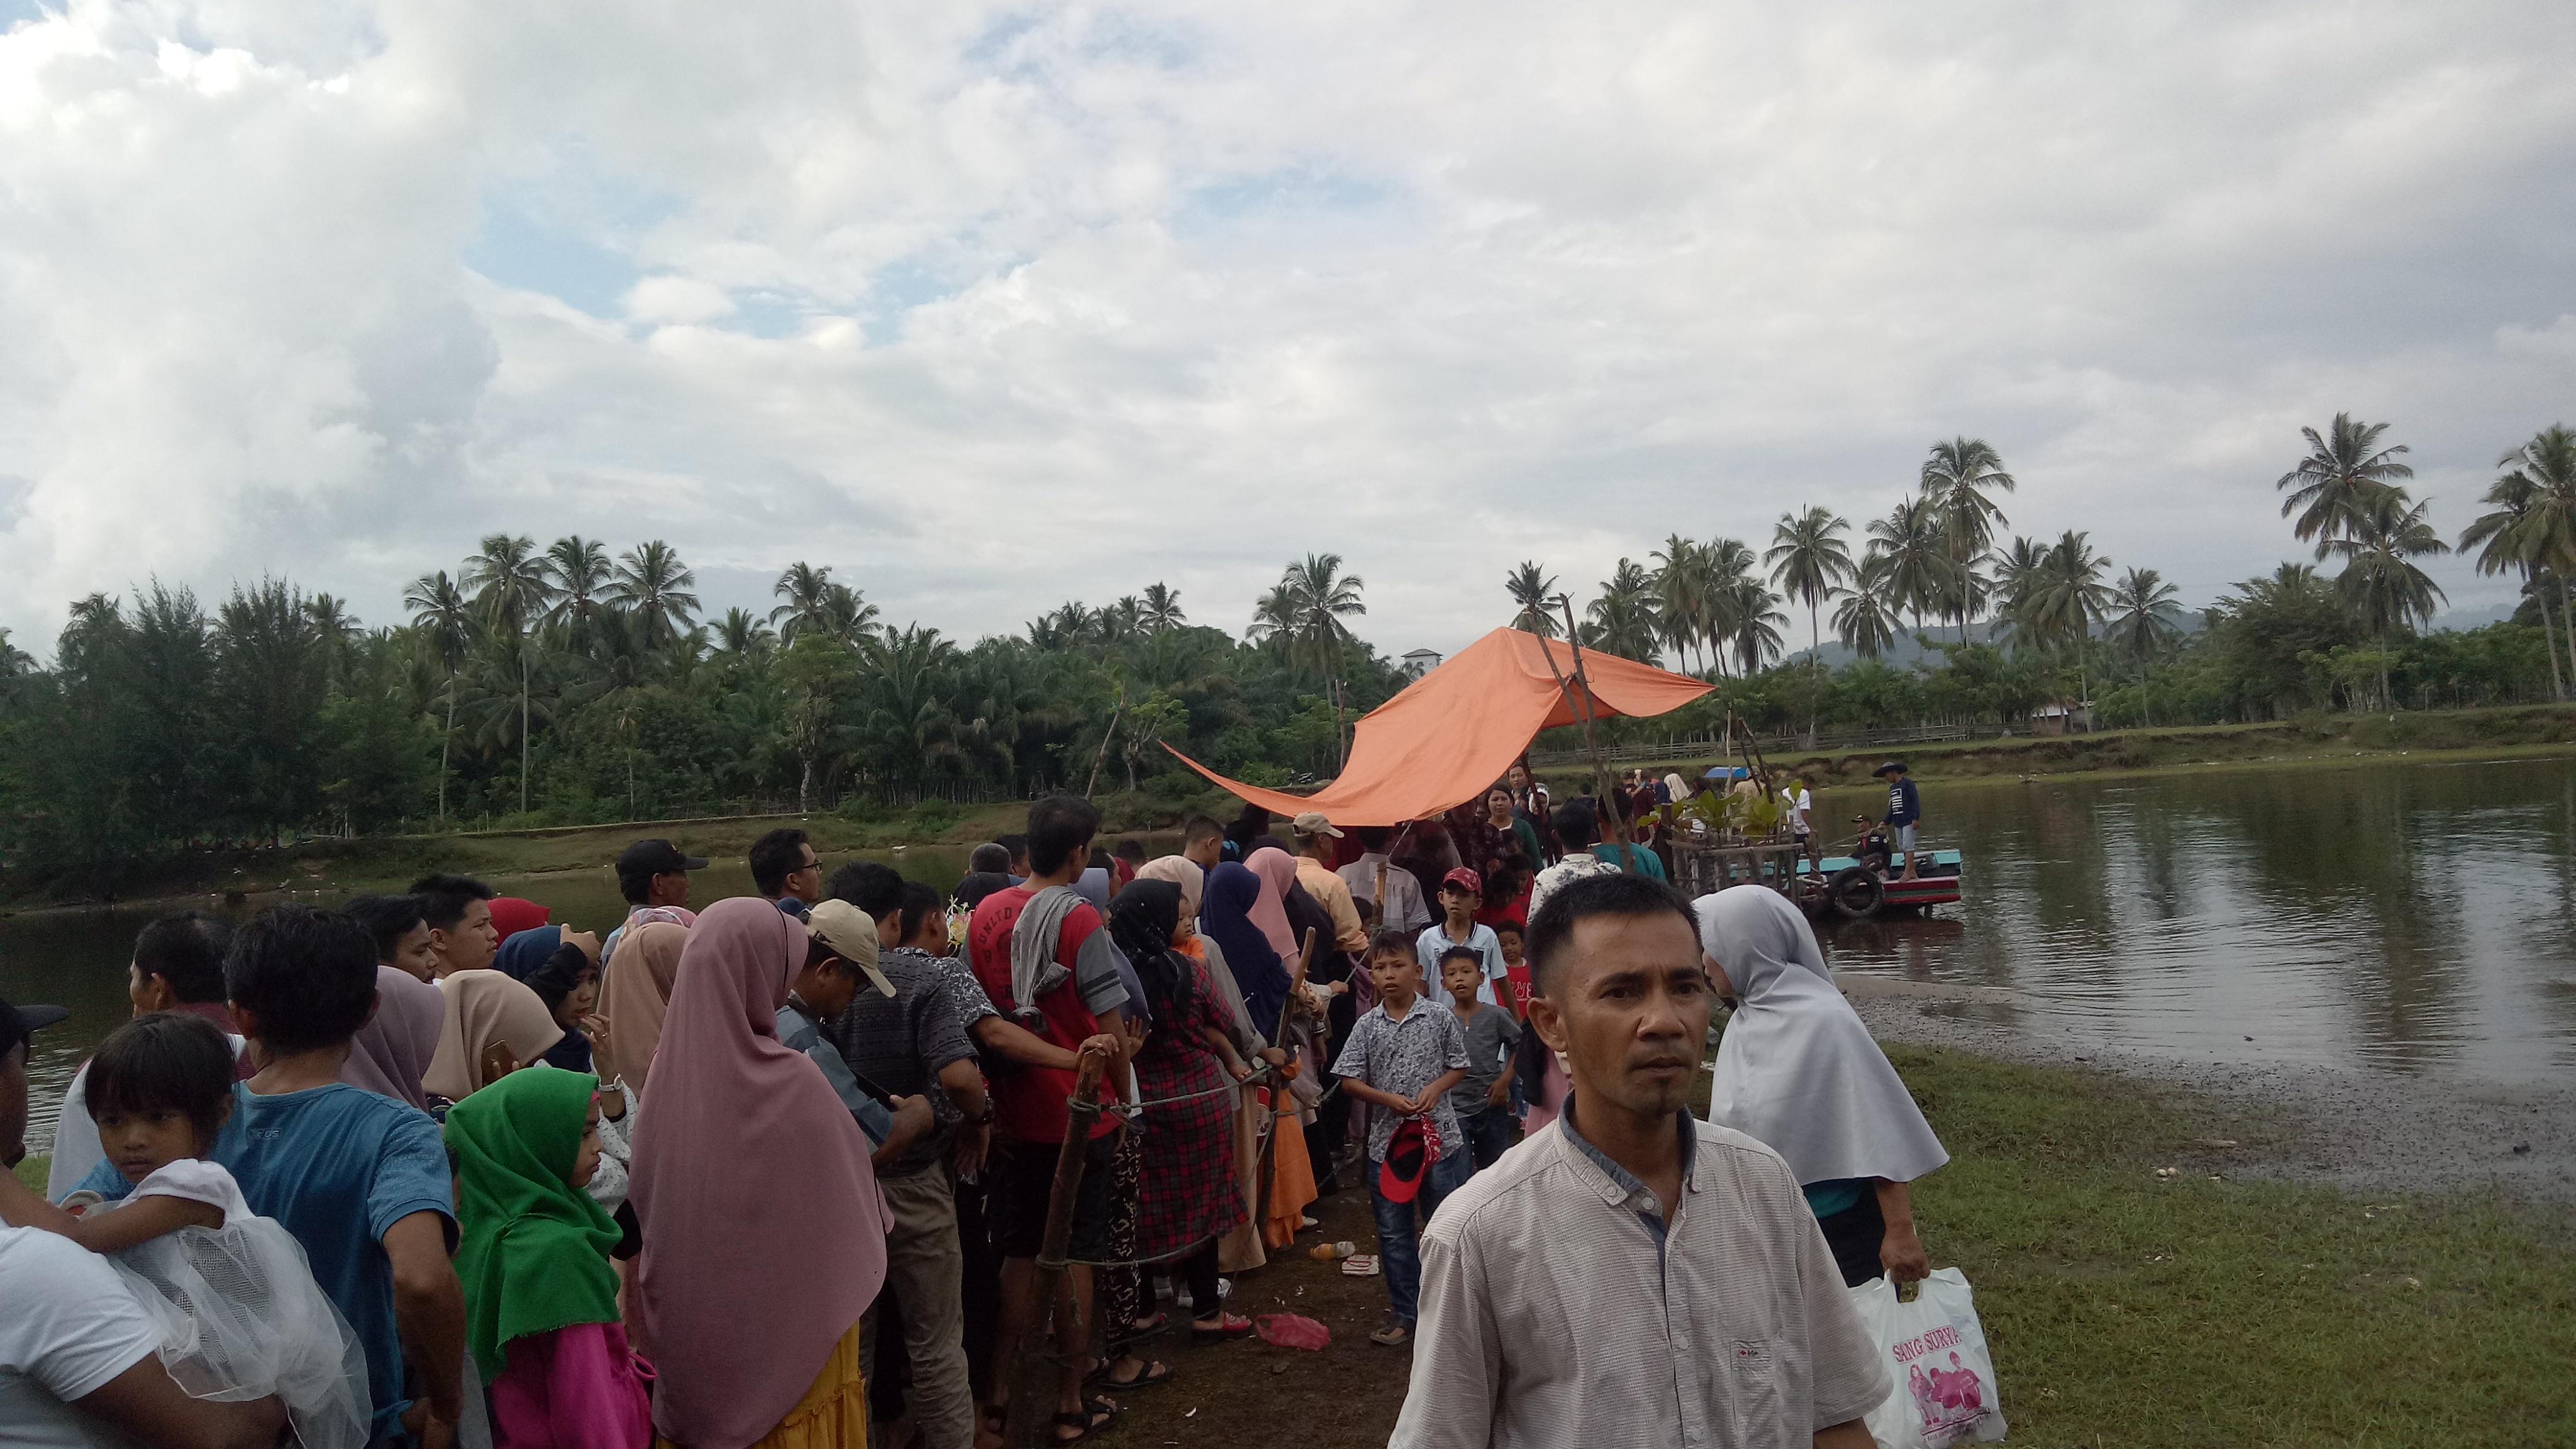 Hari Terakhir Libur Lebaran, Penangkaran Penyu Ampiang Parak Diserbu Ribuan Pengunjung